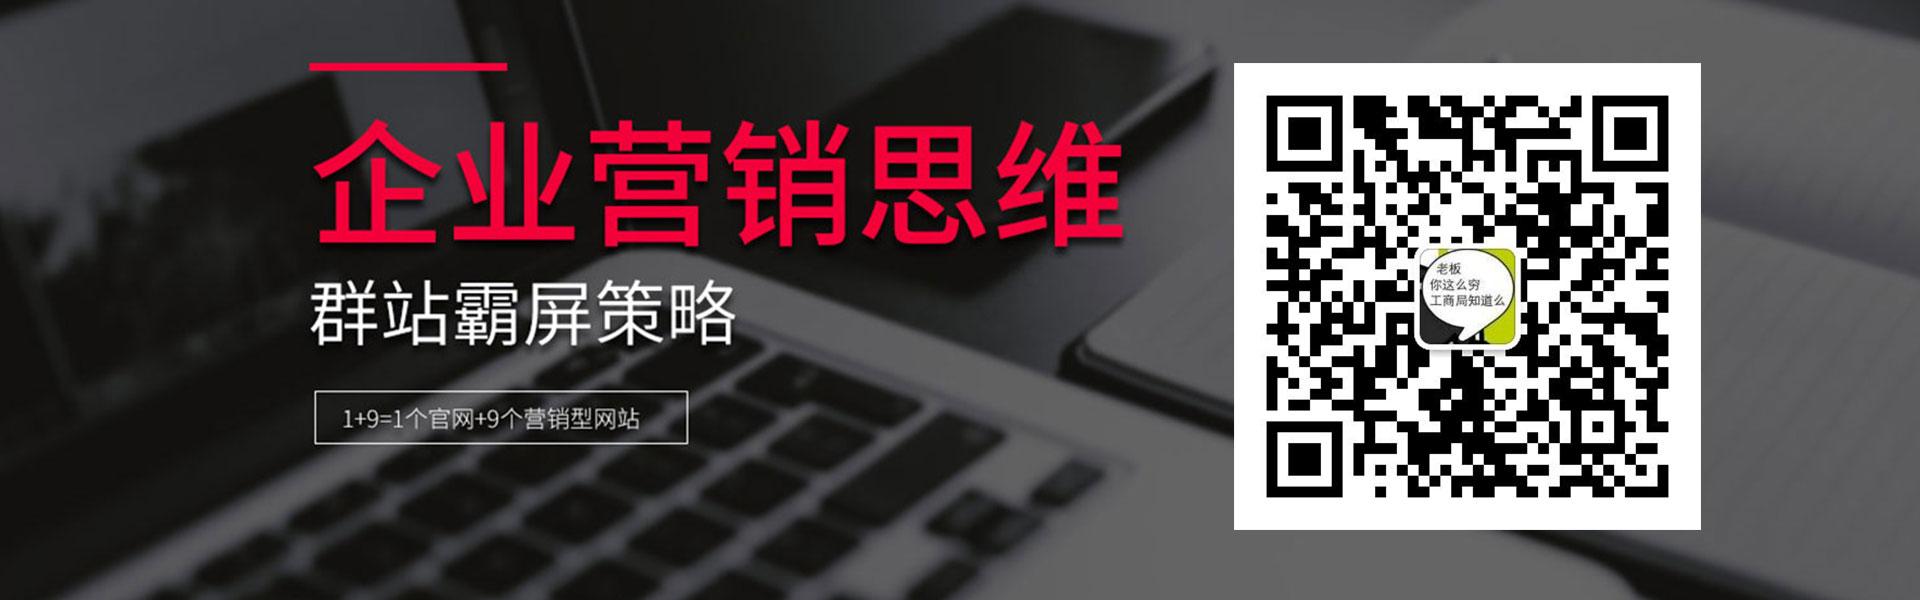 嘉兴营销型网站建设推广